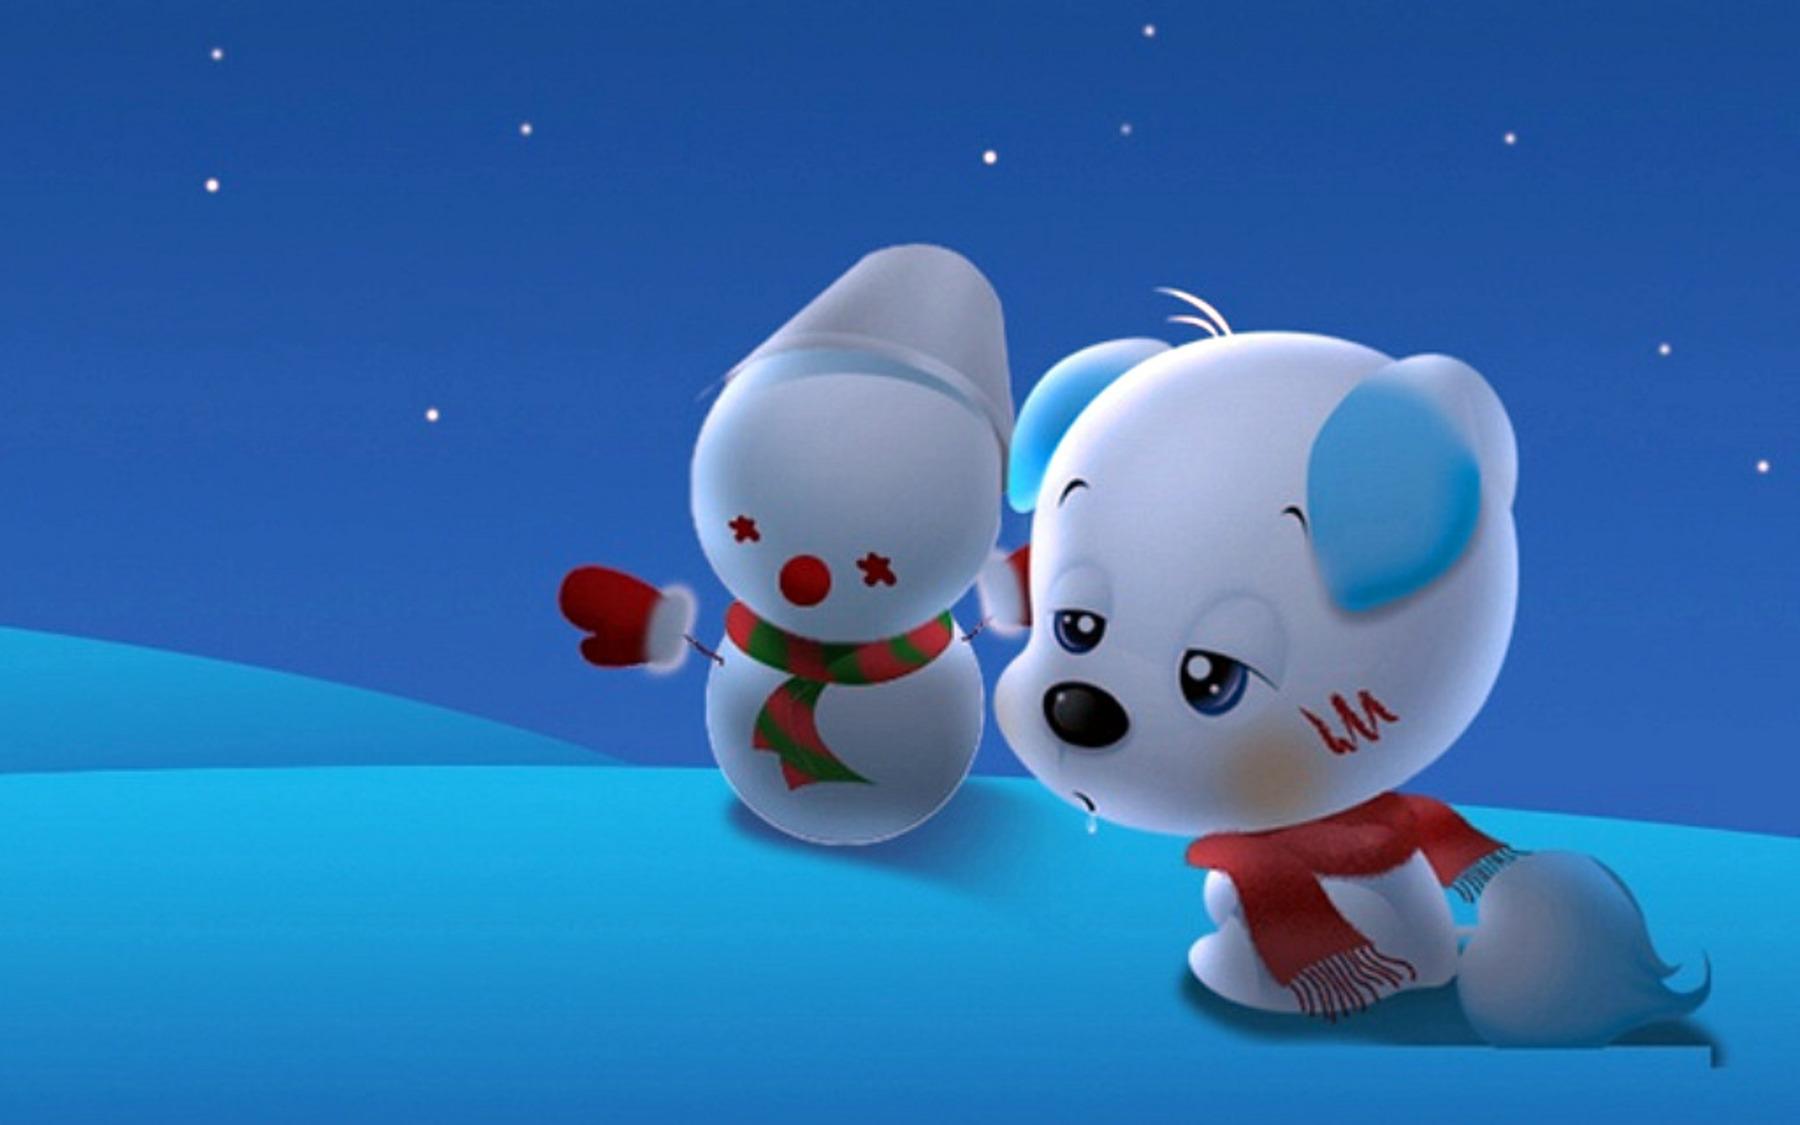 Cartoon Christmas Wallpaper 10621 Wallpaper Wallpaper hd 1800x1125